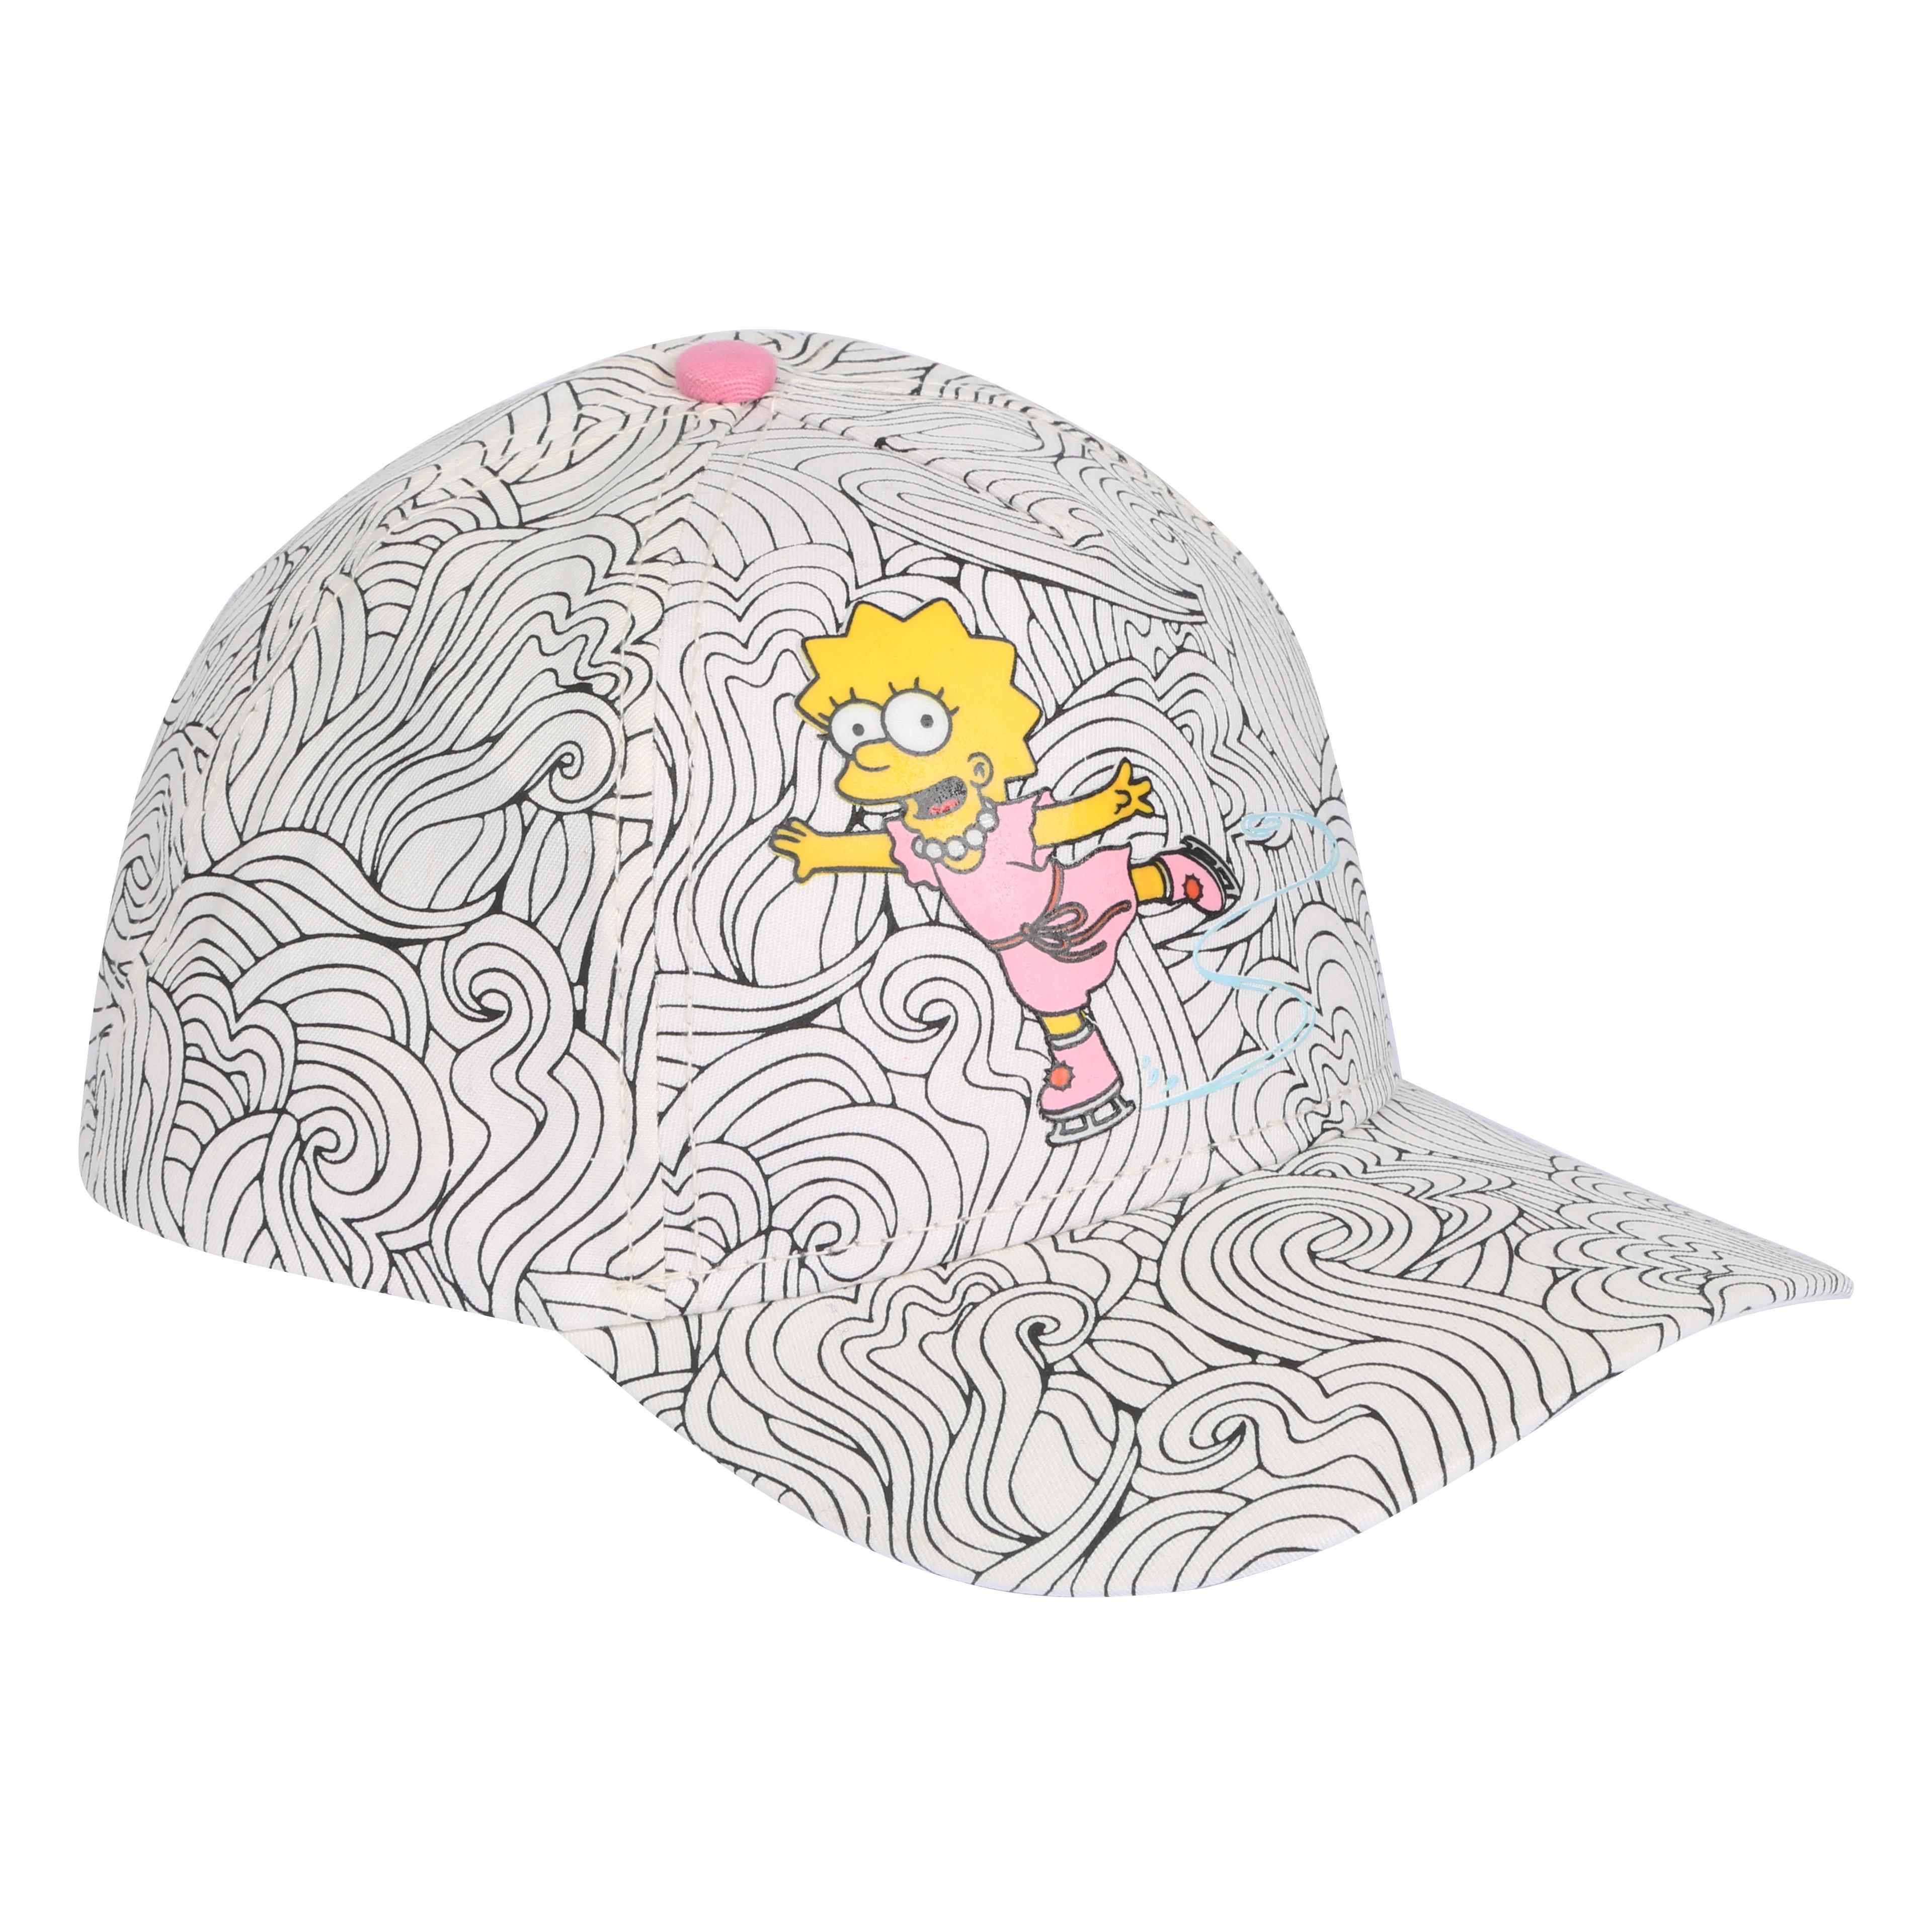 79c2f2d2a950b4 Riachuelo celebra os 25 anos dos Simpsons e traz coleção exclusiva ...